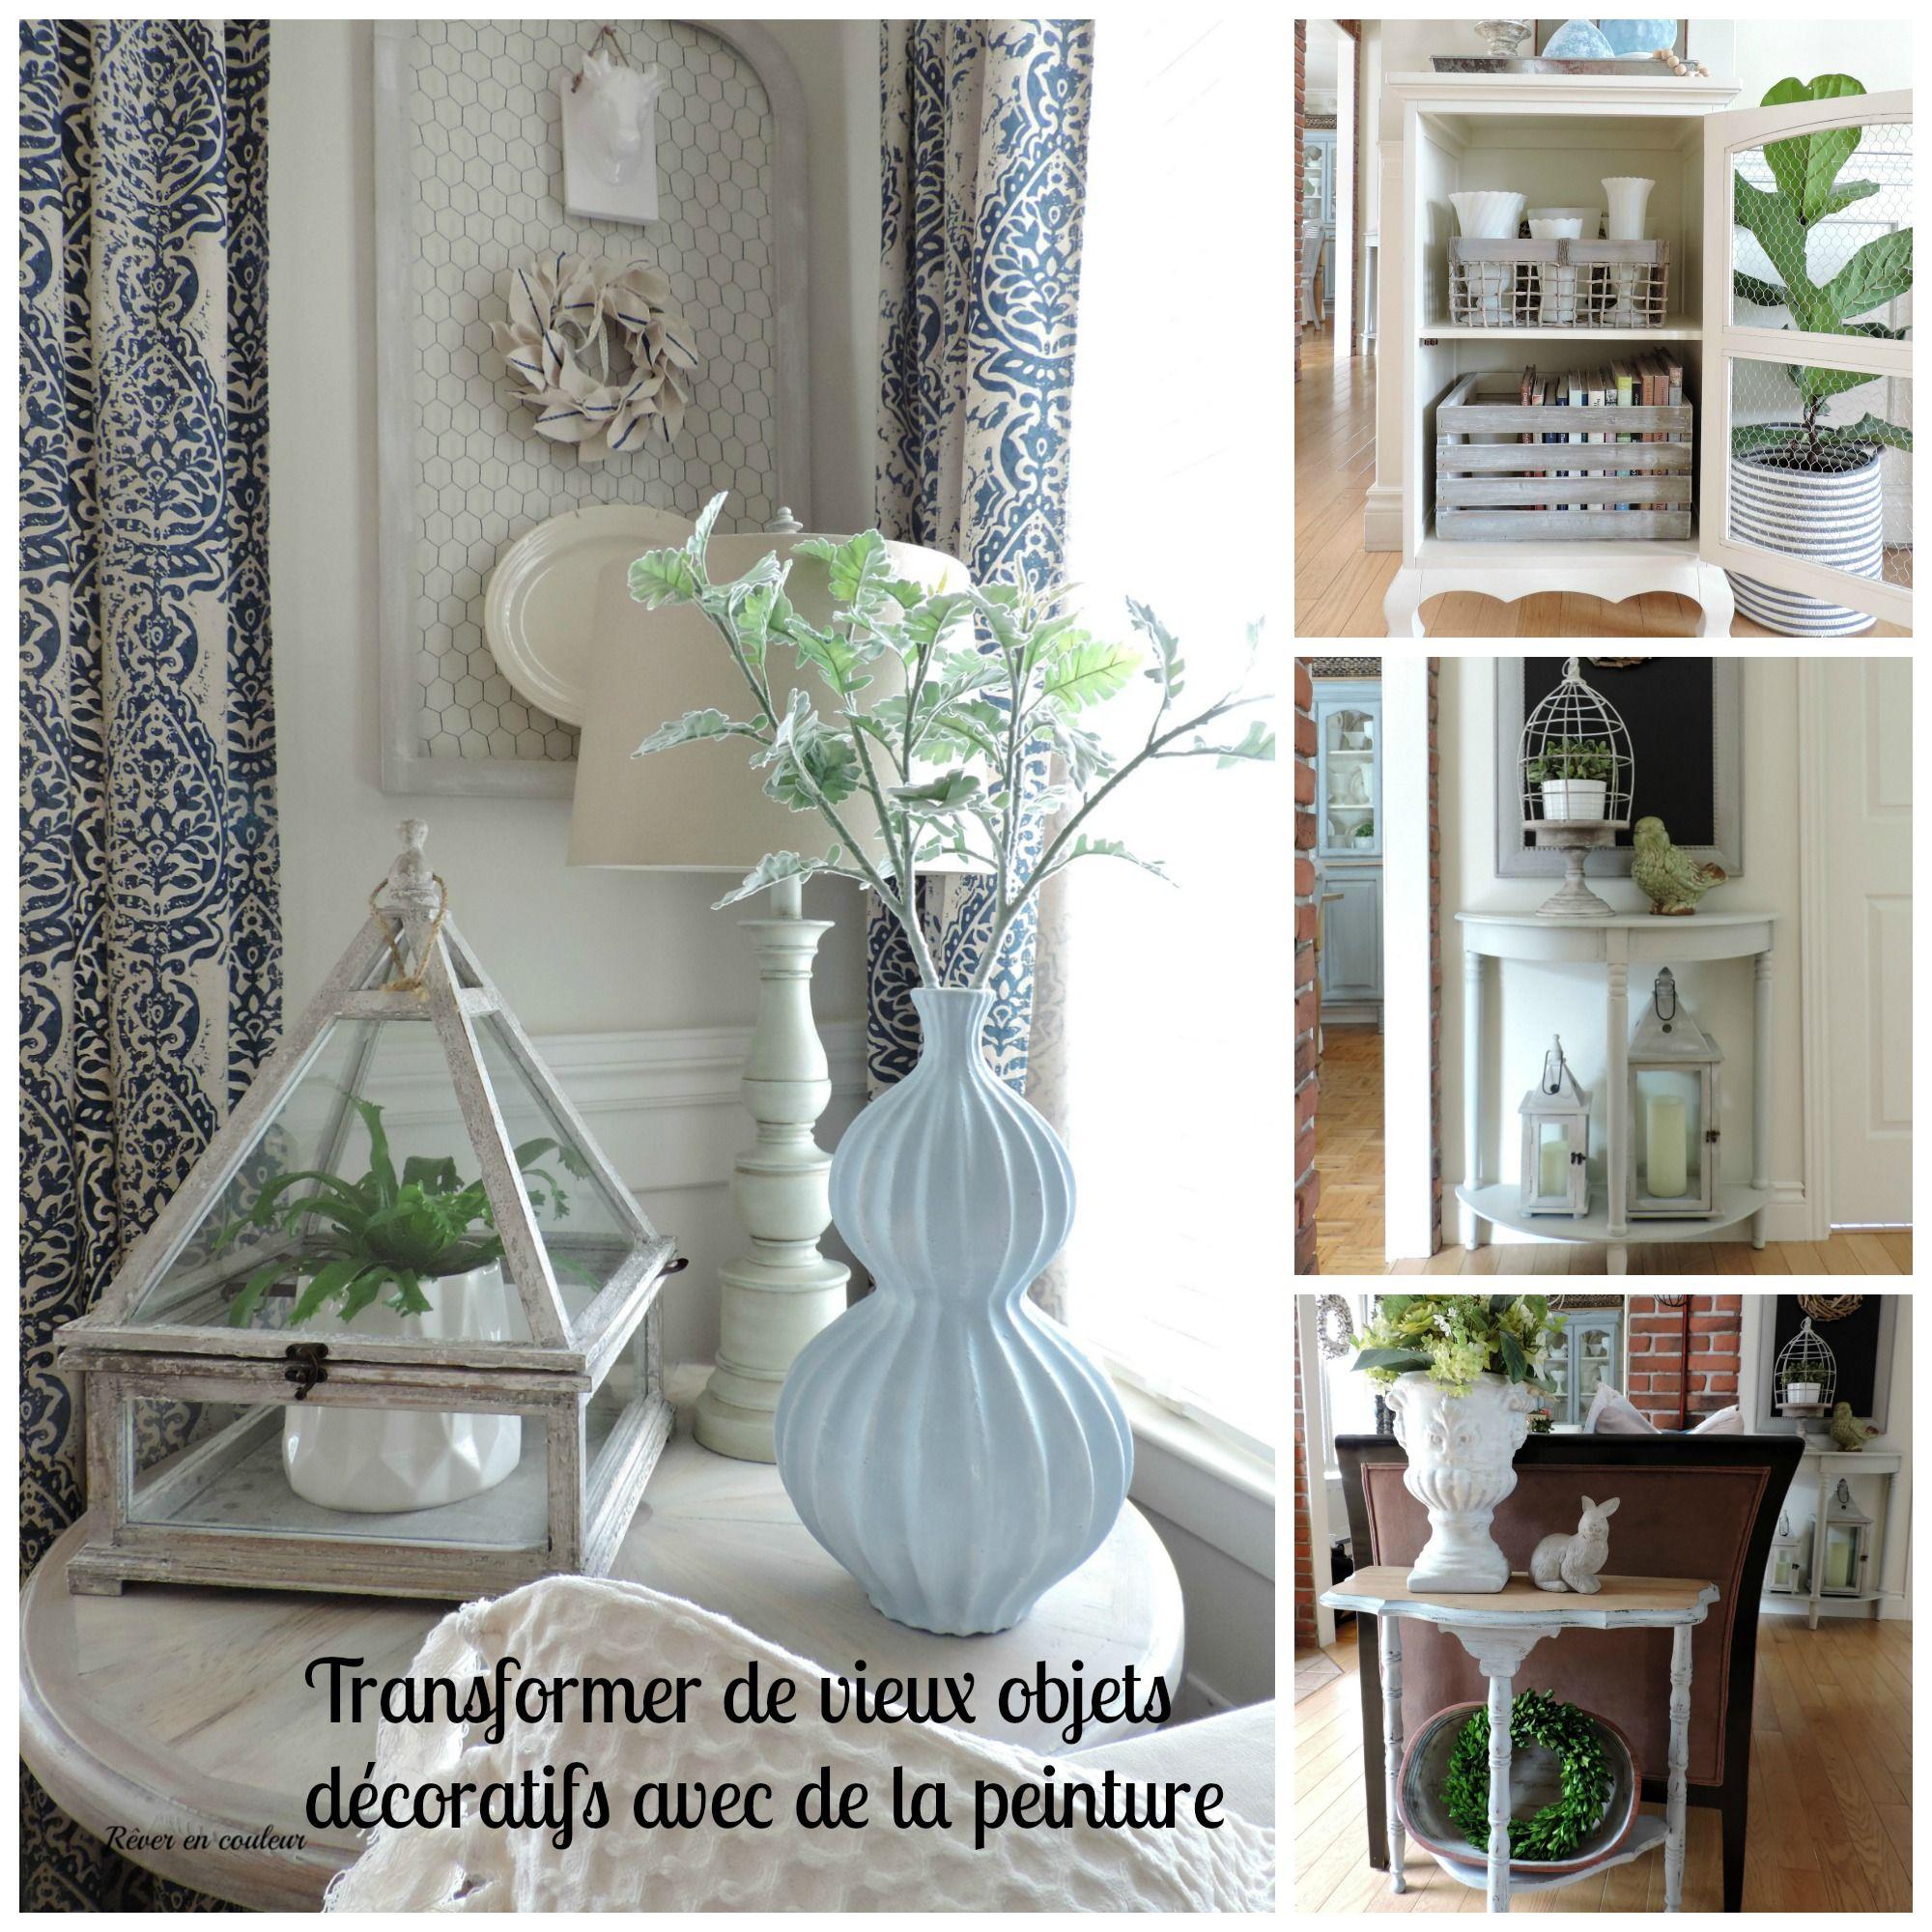 Home accessories transformed with paint récupérer de vieux objets déco avec de la peinture